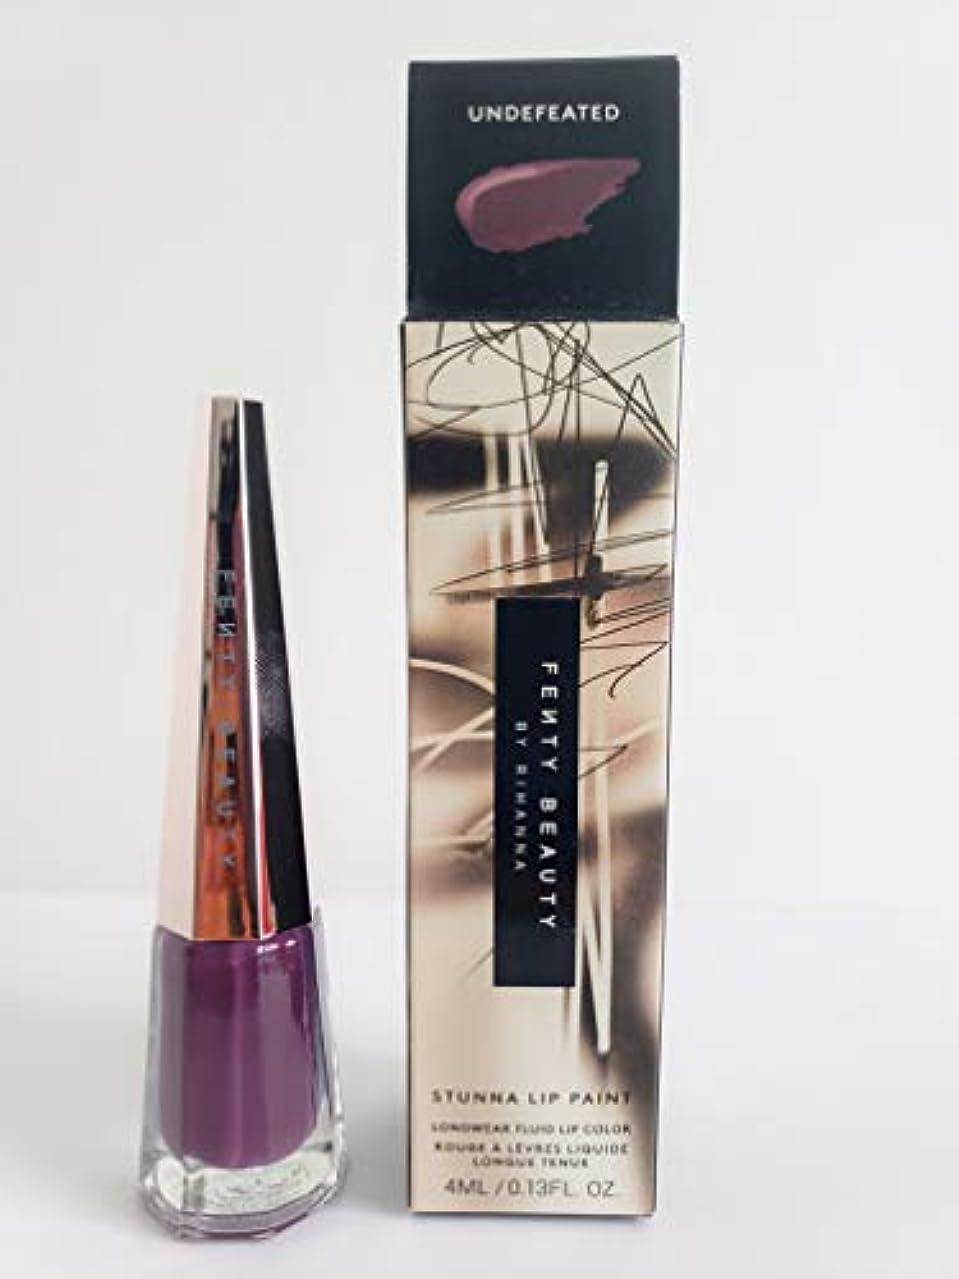 FENTY BEAUTY BY RIHANNA Stunna Lip Paint Longwear Fluid Lip Color (Undefeated)